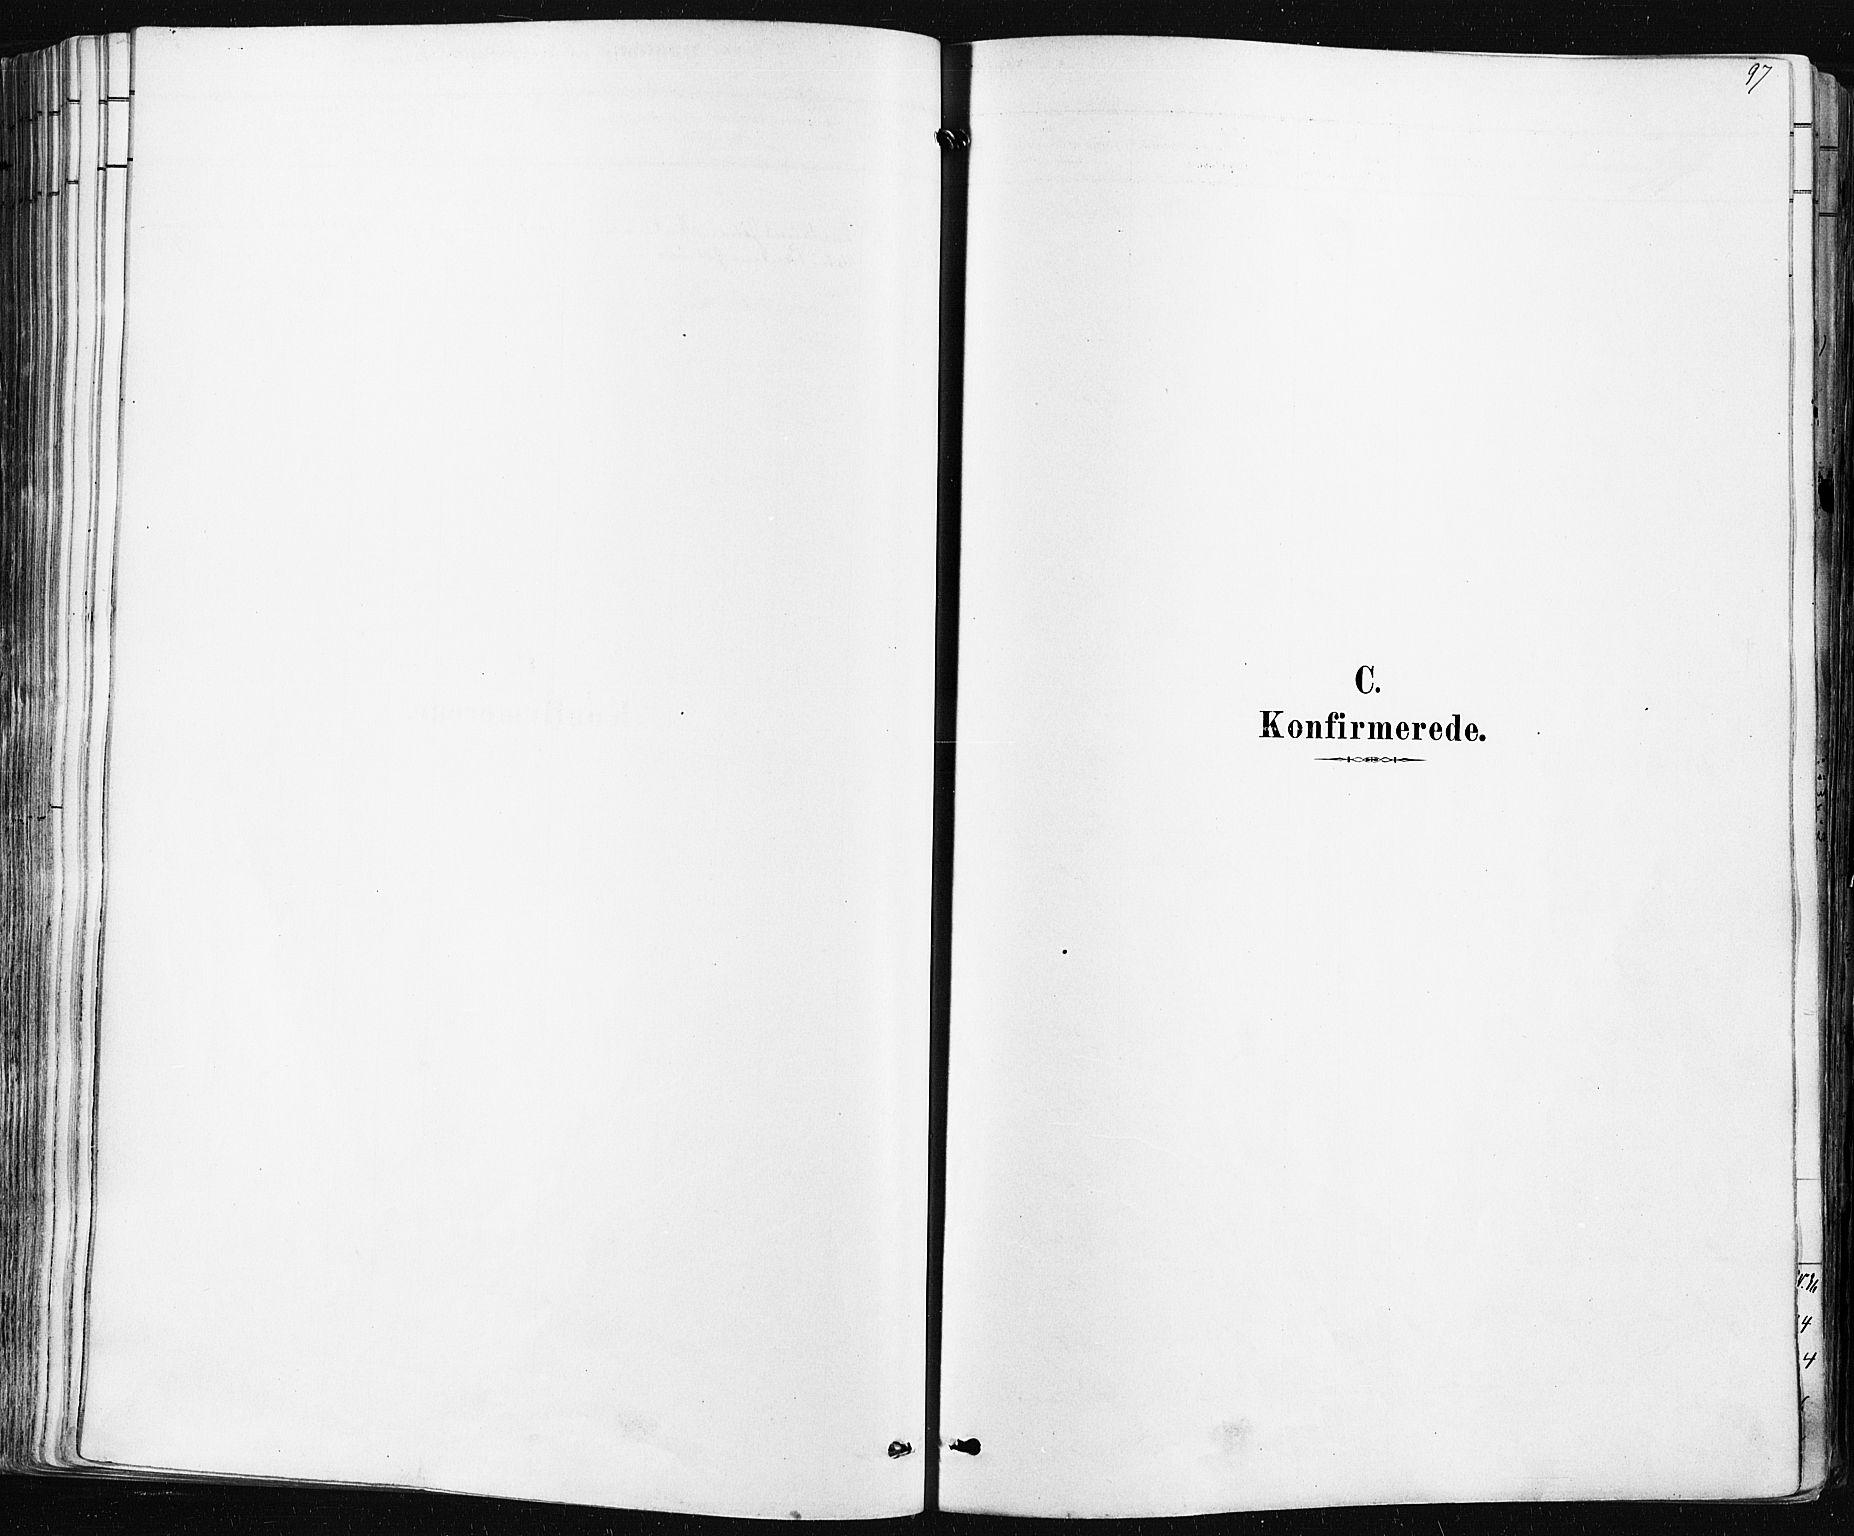 SAKO, Borre kirkebøker, F/Fa/L0009: Ministerialbok nr. I 9, 1878-1896, s. 97